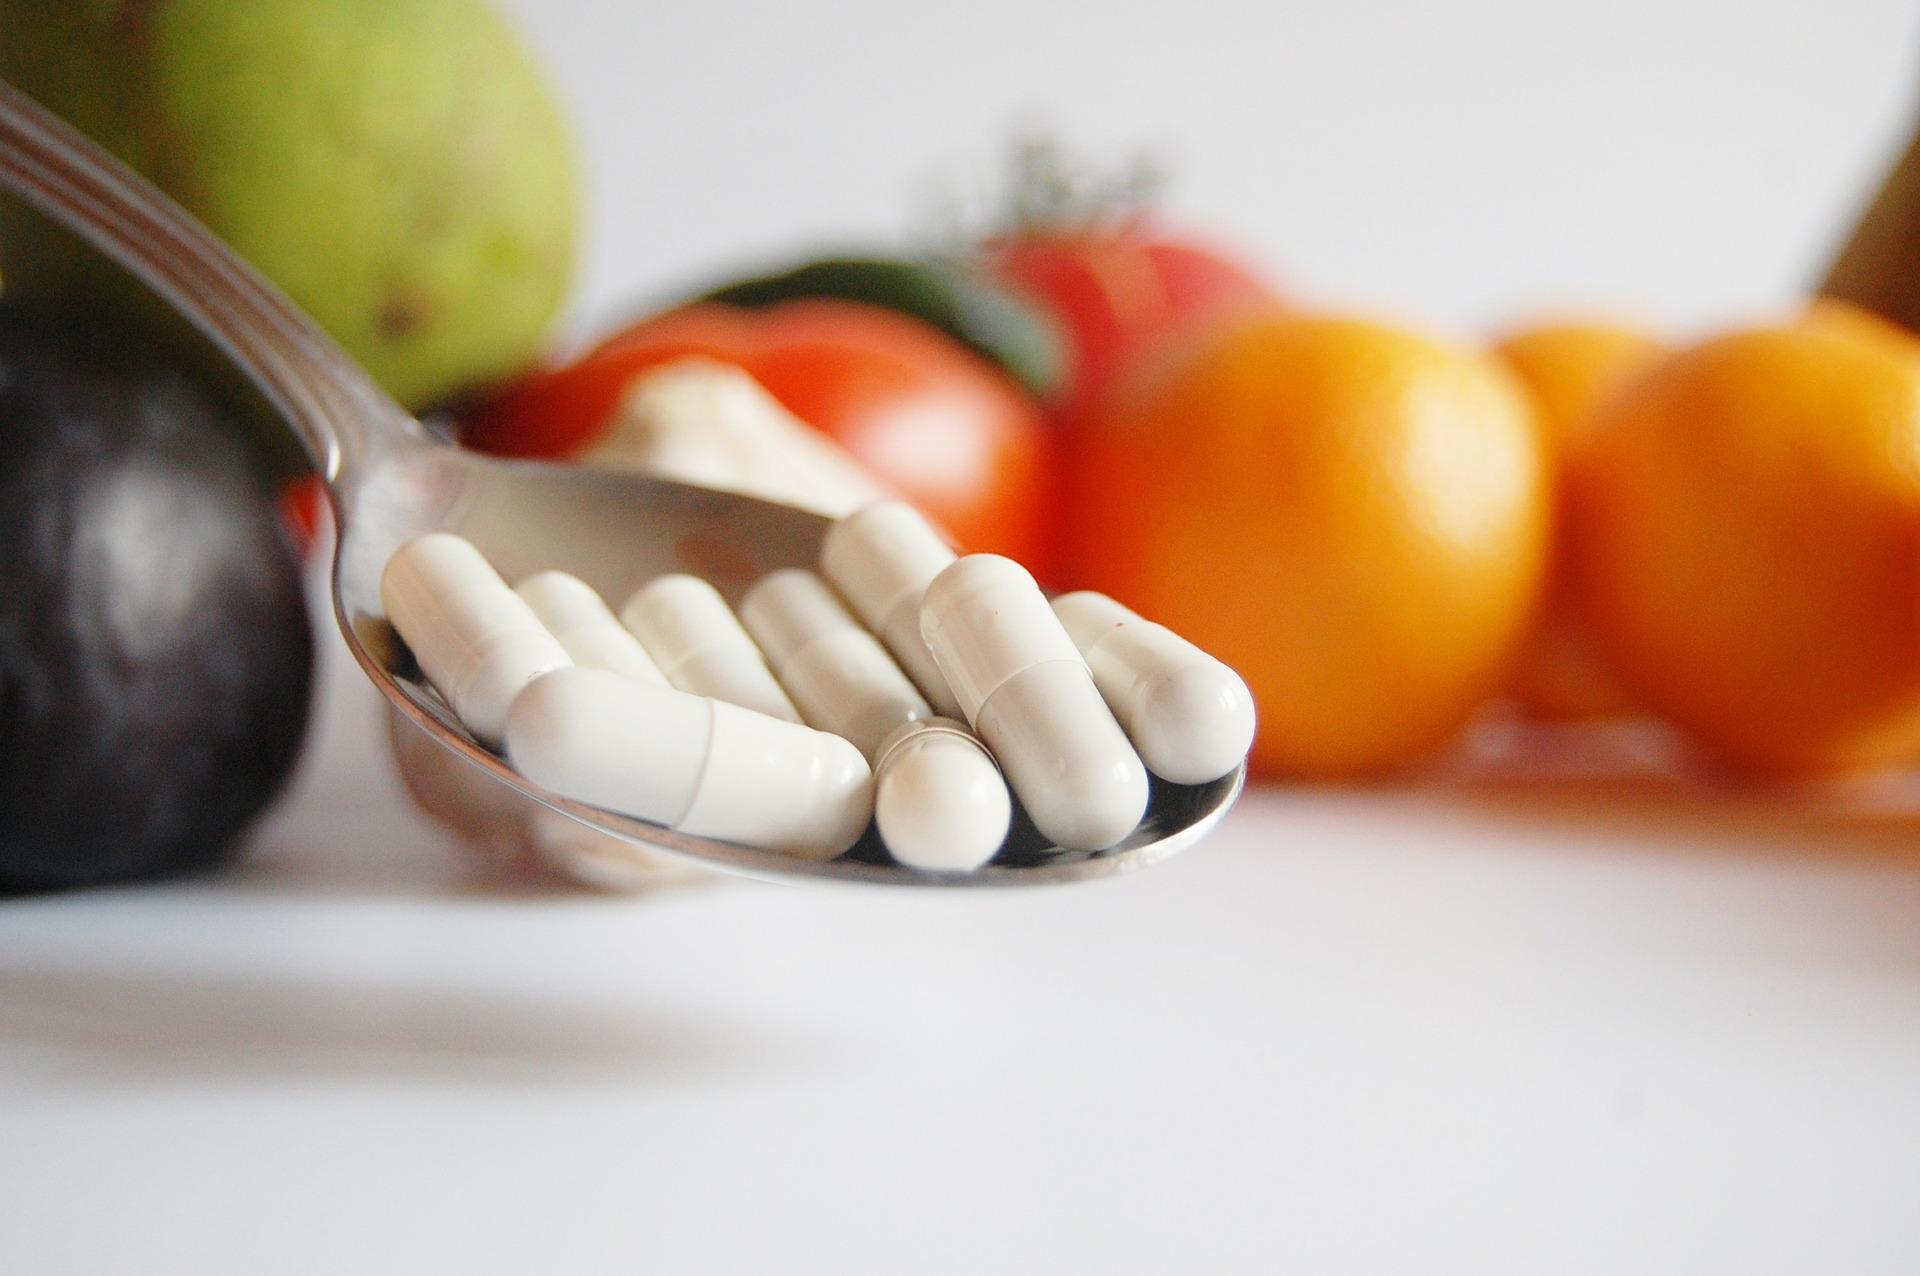 La cura dell'osteoporosi: farmaci e alimentazione